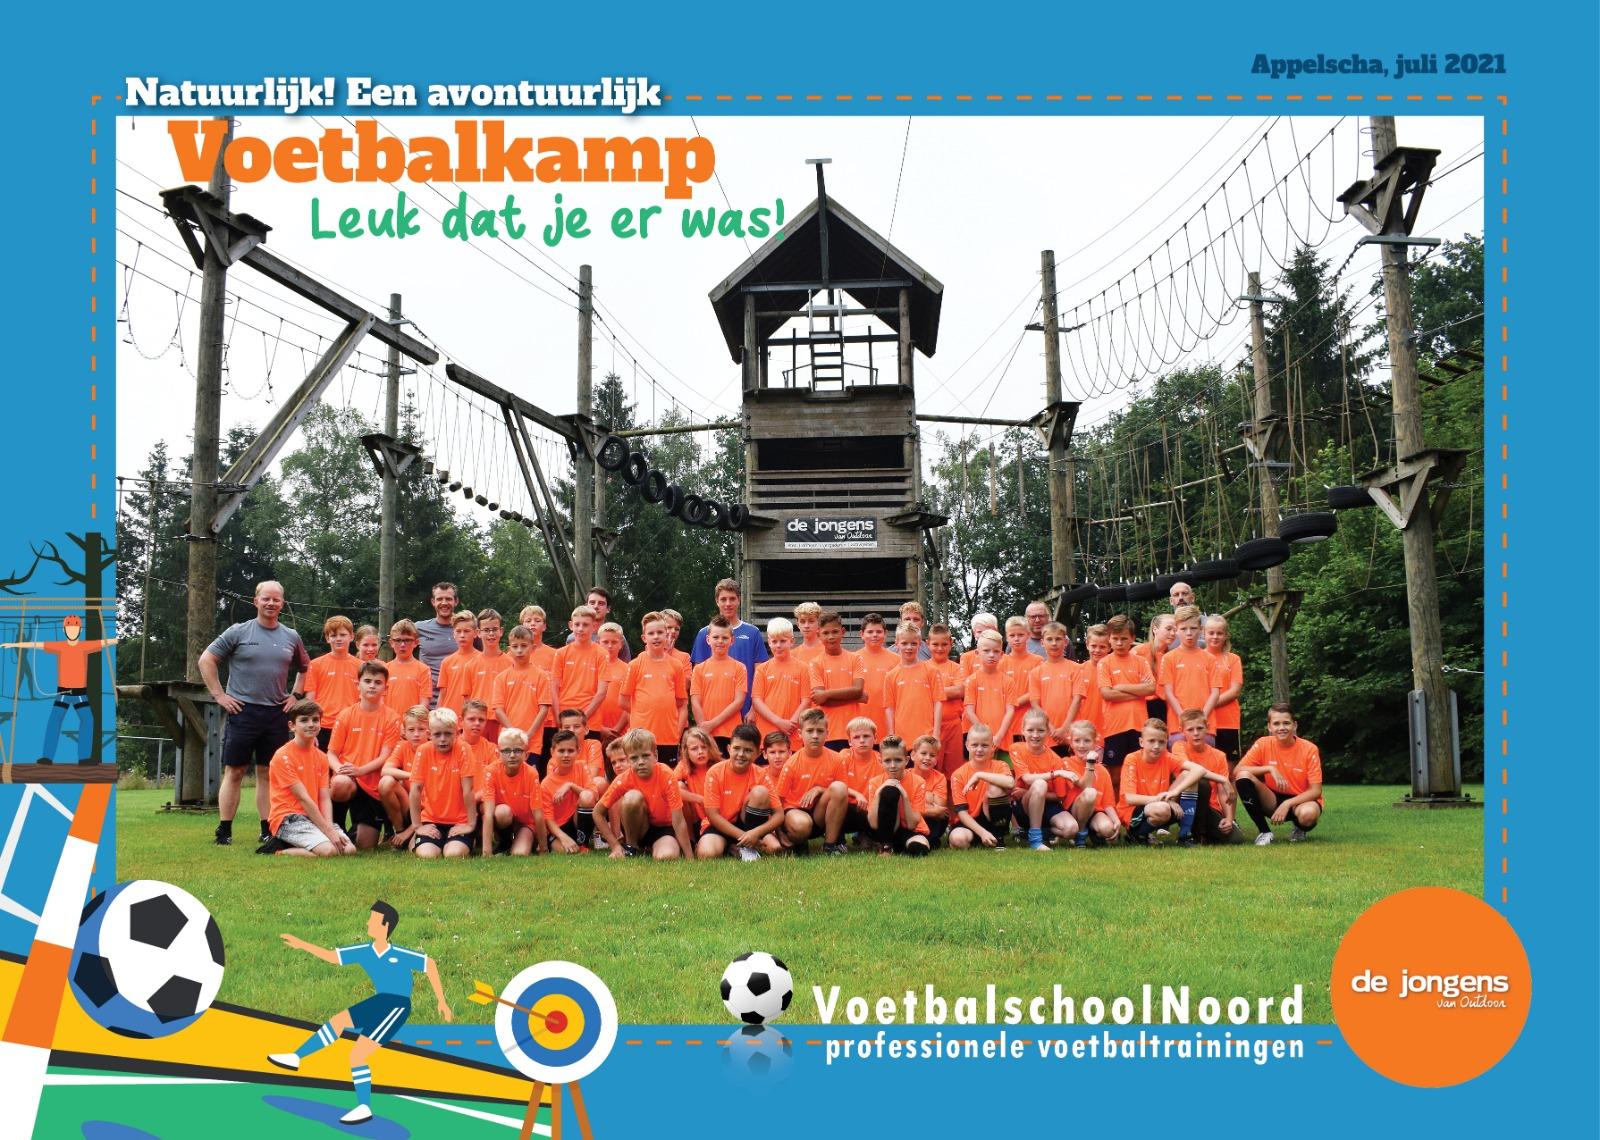 Voetbalkamp 12-14 juli 2021